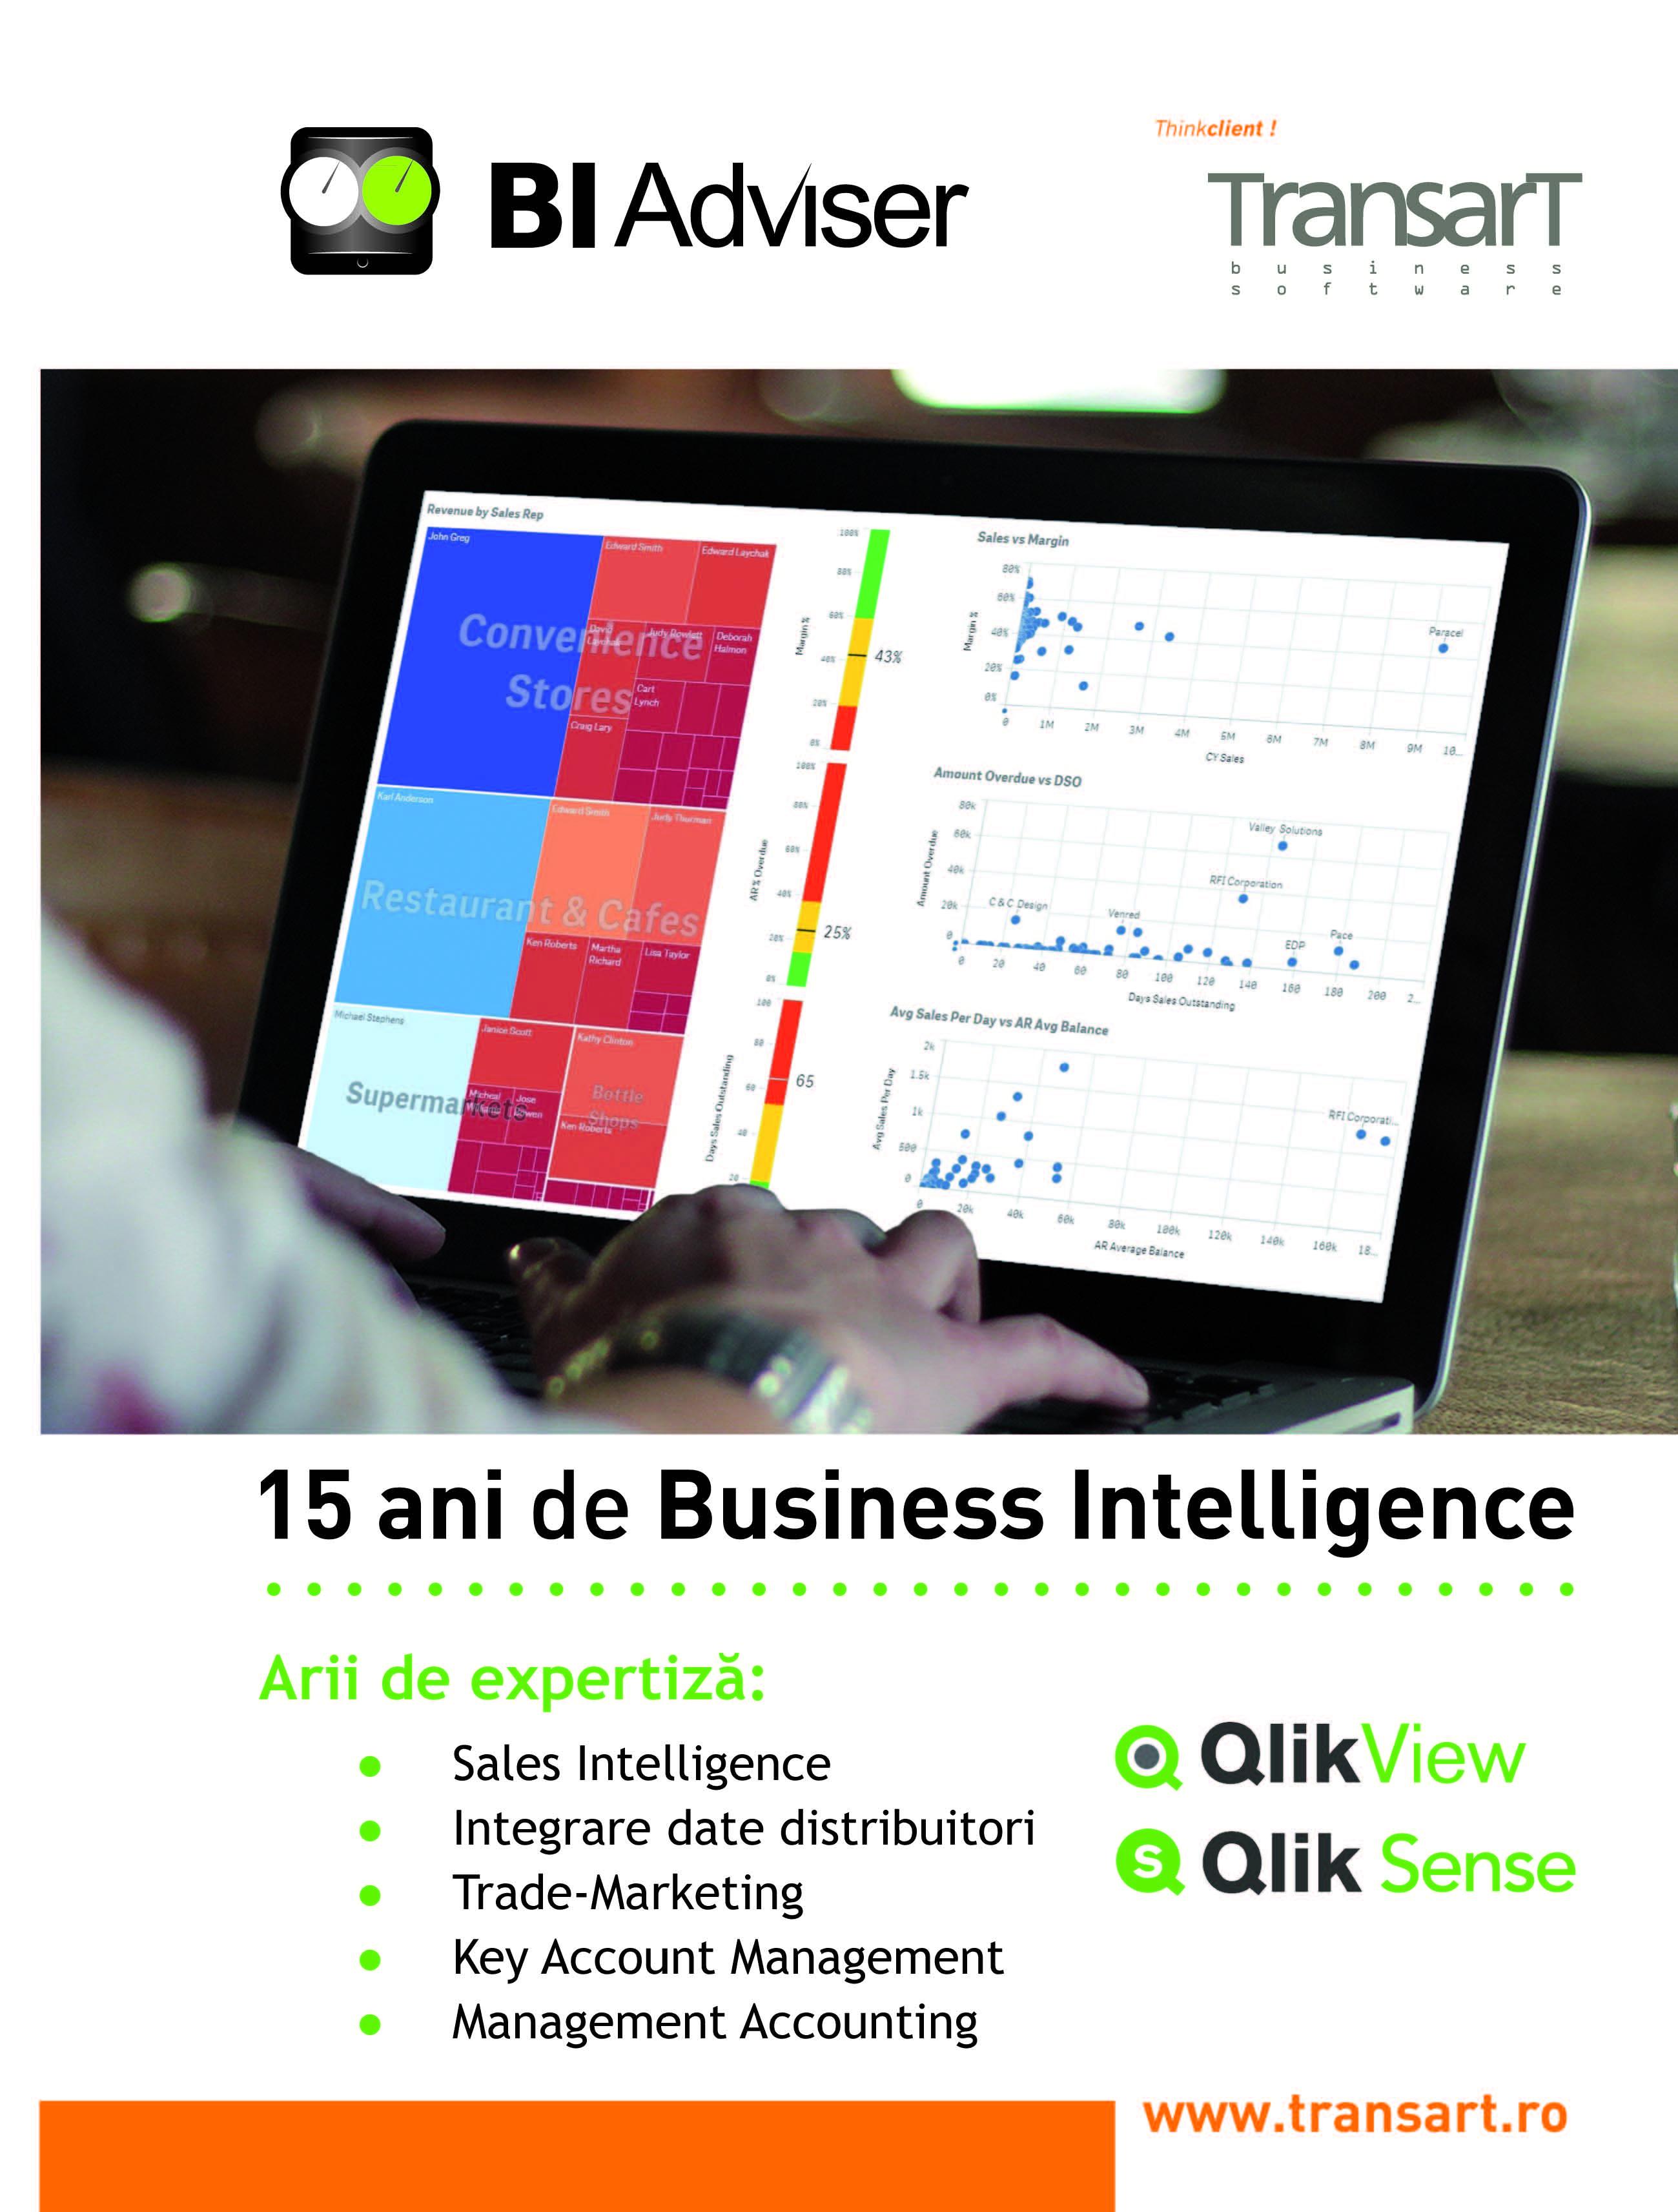 BUSINESS INTELLIGENCE – Suport vizual intuitiv pentru deciziile de afaceri